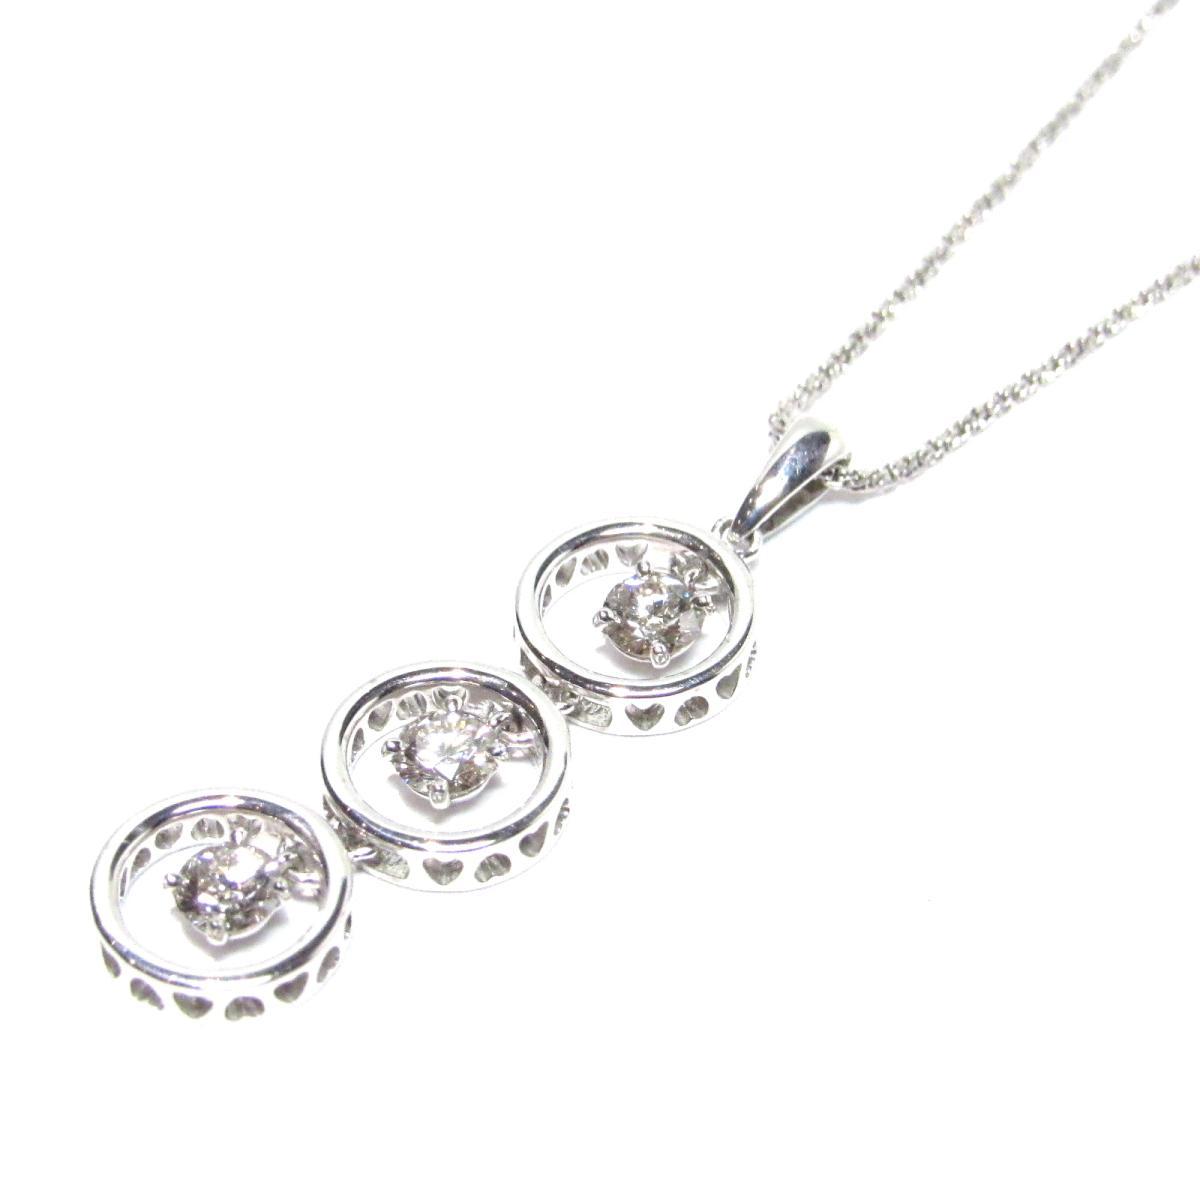 【中古】 ジュエリー ダイヤモンド ネックレス レディース K18WG (750) ホワイトゴールド x ダイヤモンド0.36ct クリアー x シルバー | JEWELRY ネックレス K18 18K 18金 美品 ブランドオフ BRANDOFF